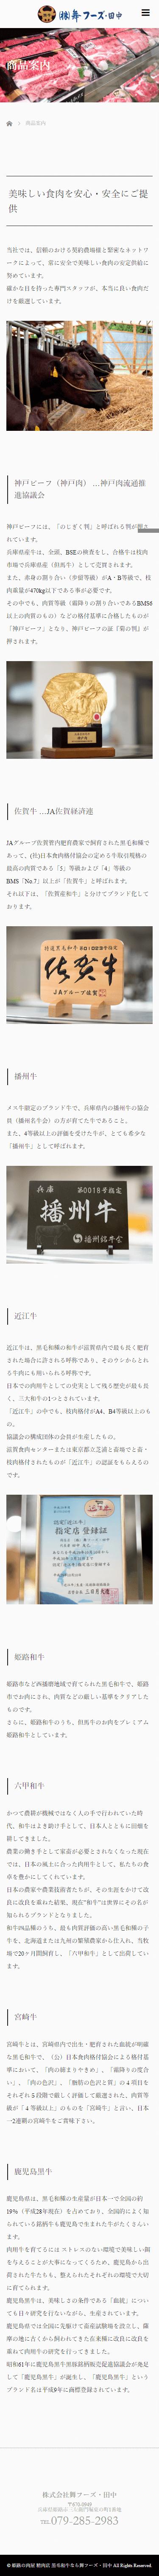 姫路市 株式会社舞フーズ・田中 ホームページ制作4